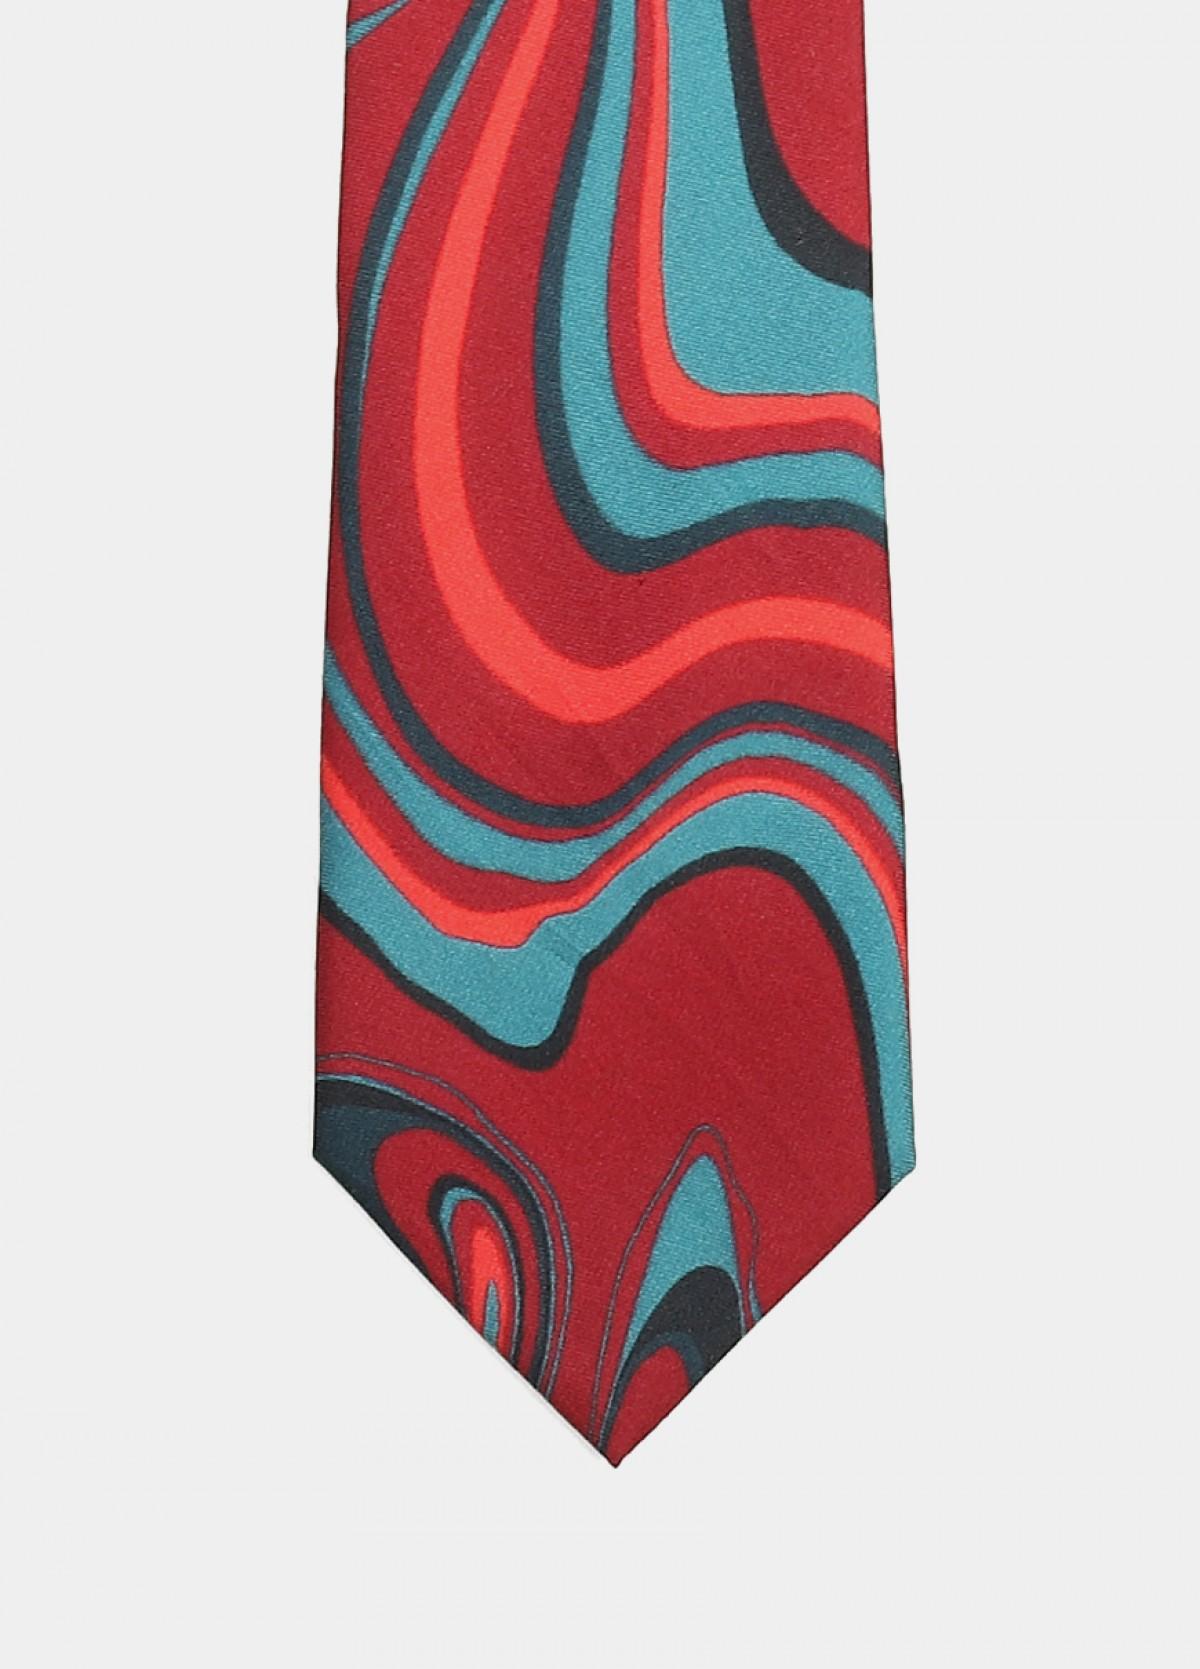 The Madeleine Tie